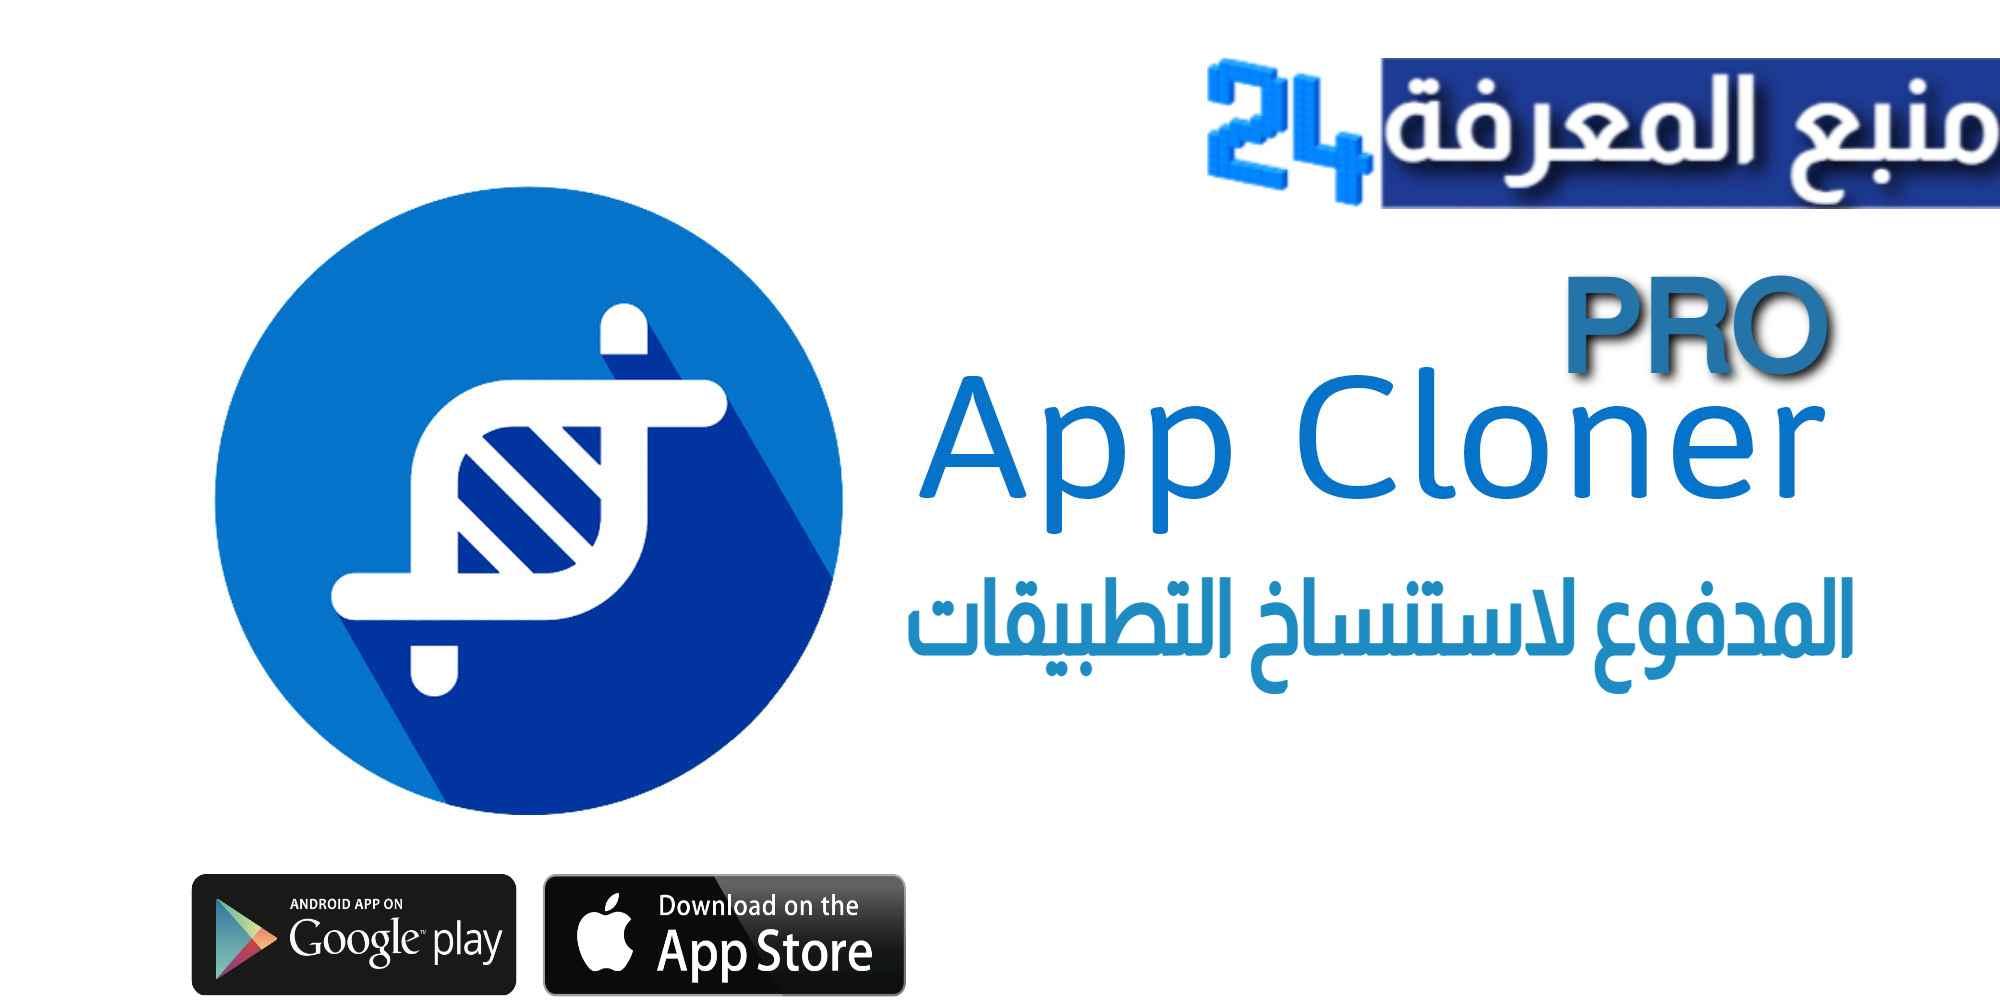 تحميل تطبيق App Cloner Premium المدفوع لاستنساخ التطبيقات